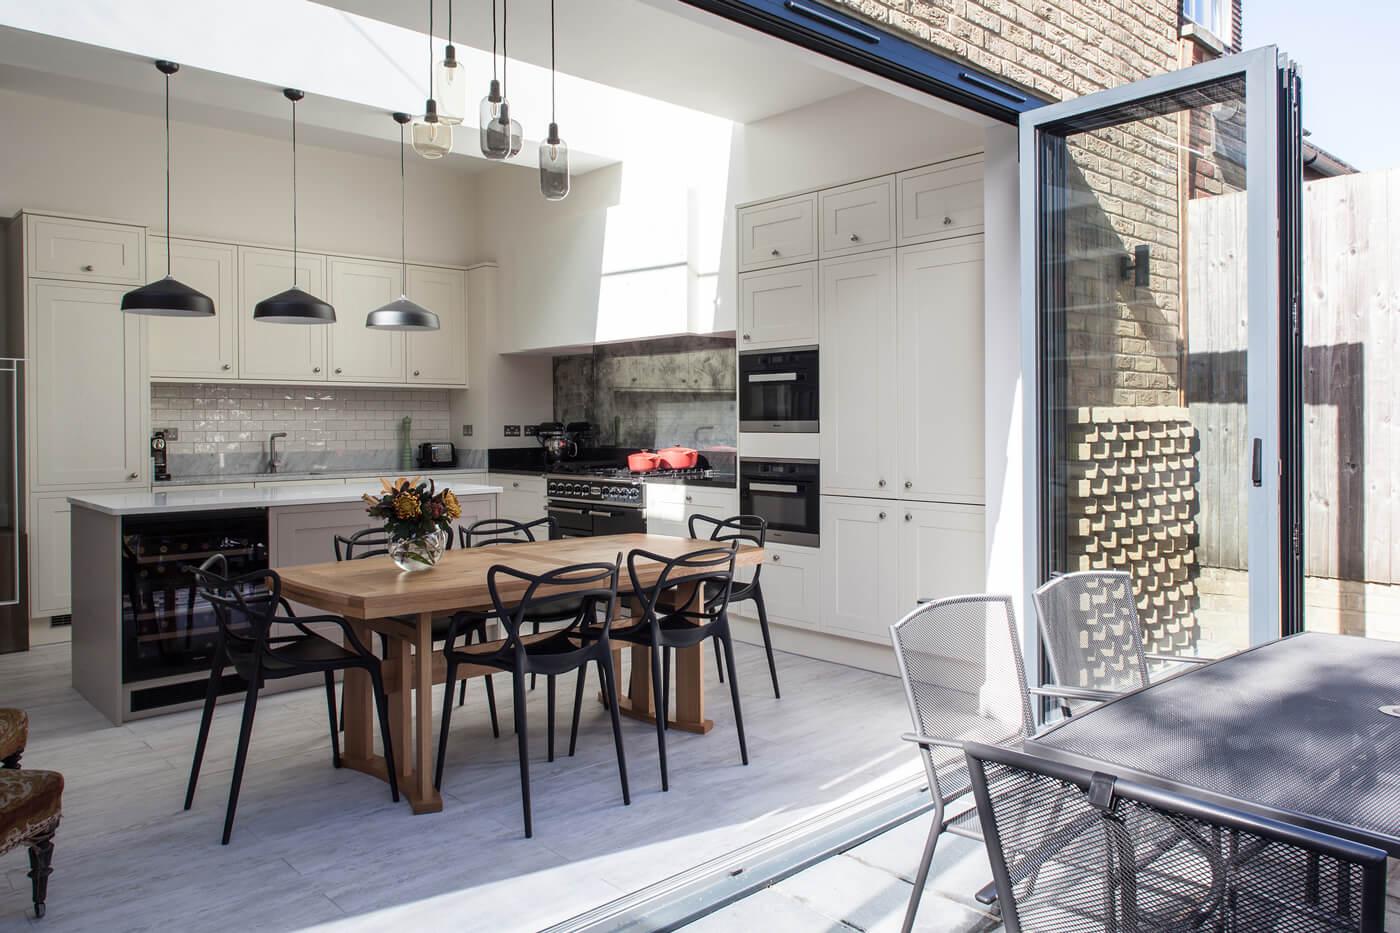 Tageslicht in Küchenerweiterung - Glazing Vision Europe